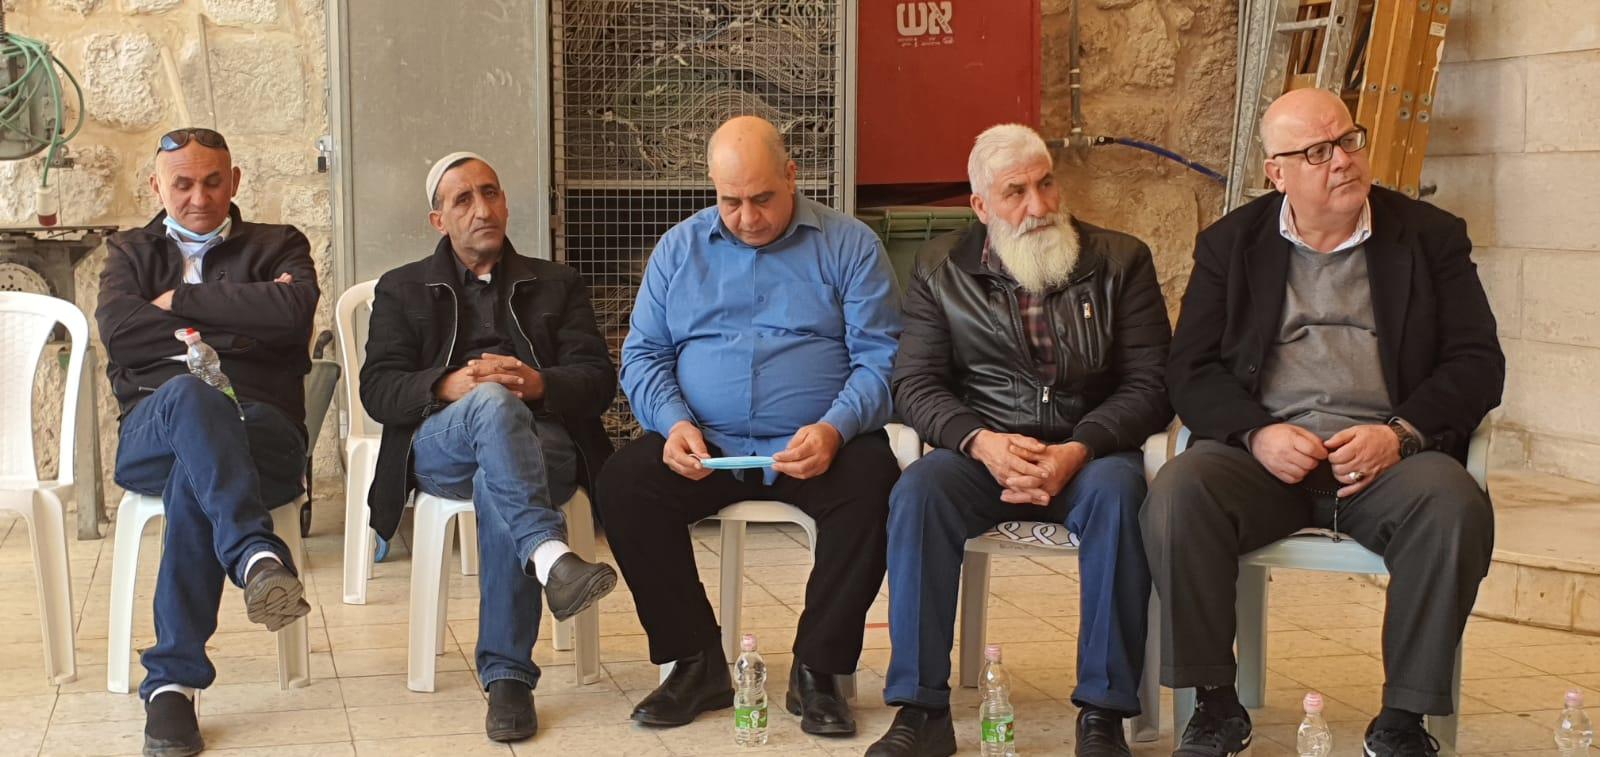 فيديو للاجتماع الطارئ الذي عُقد في مدينة اللد بمشاركة شخصيات قيادية